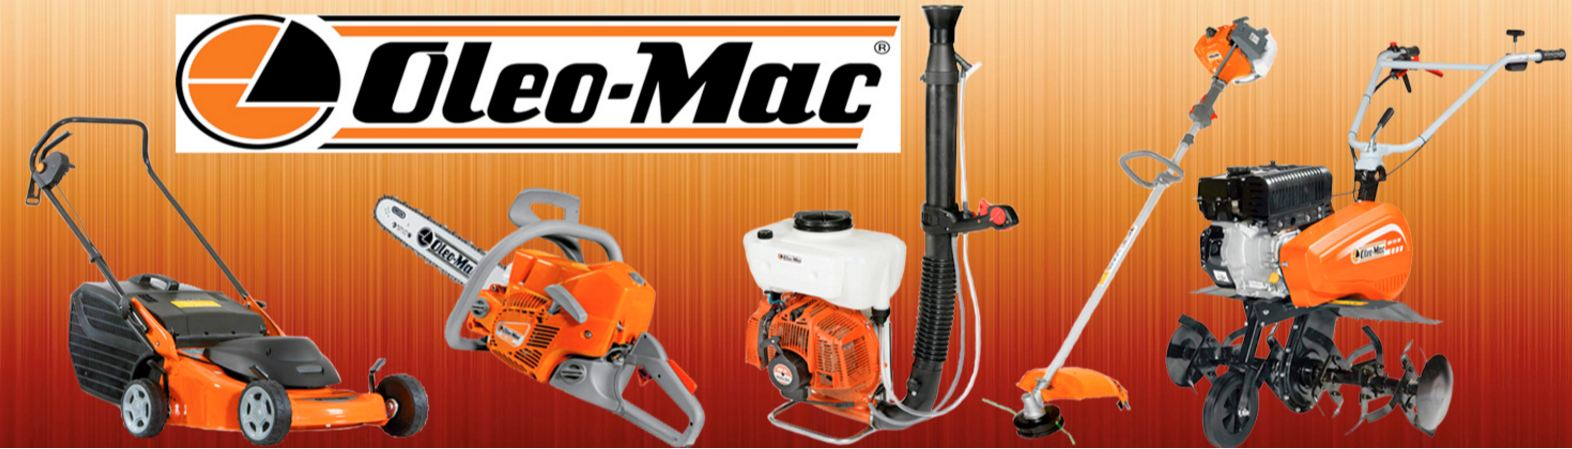 Техническое-обслуживание-и-ремонт-воздуходувок-Oleo-Mac